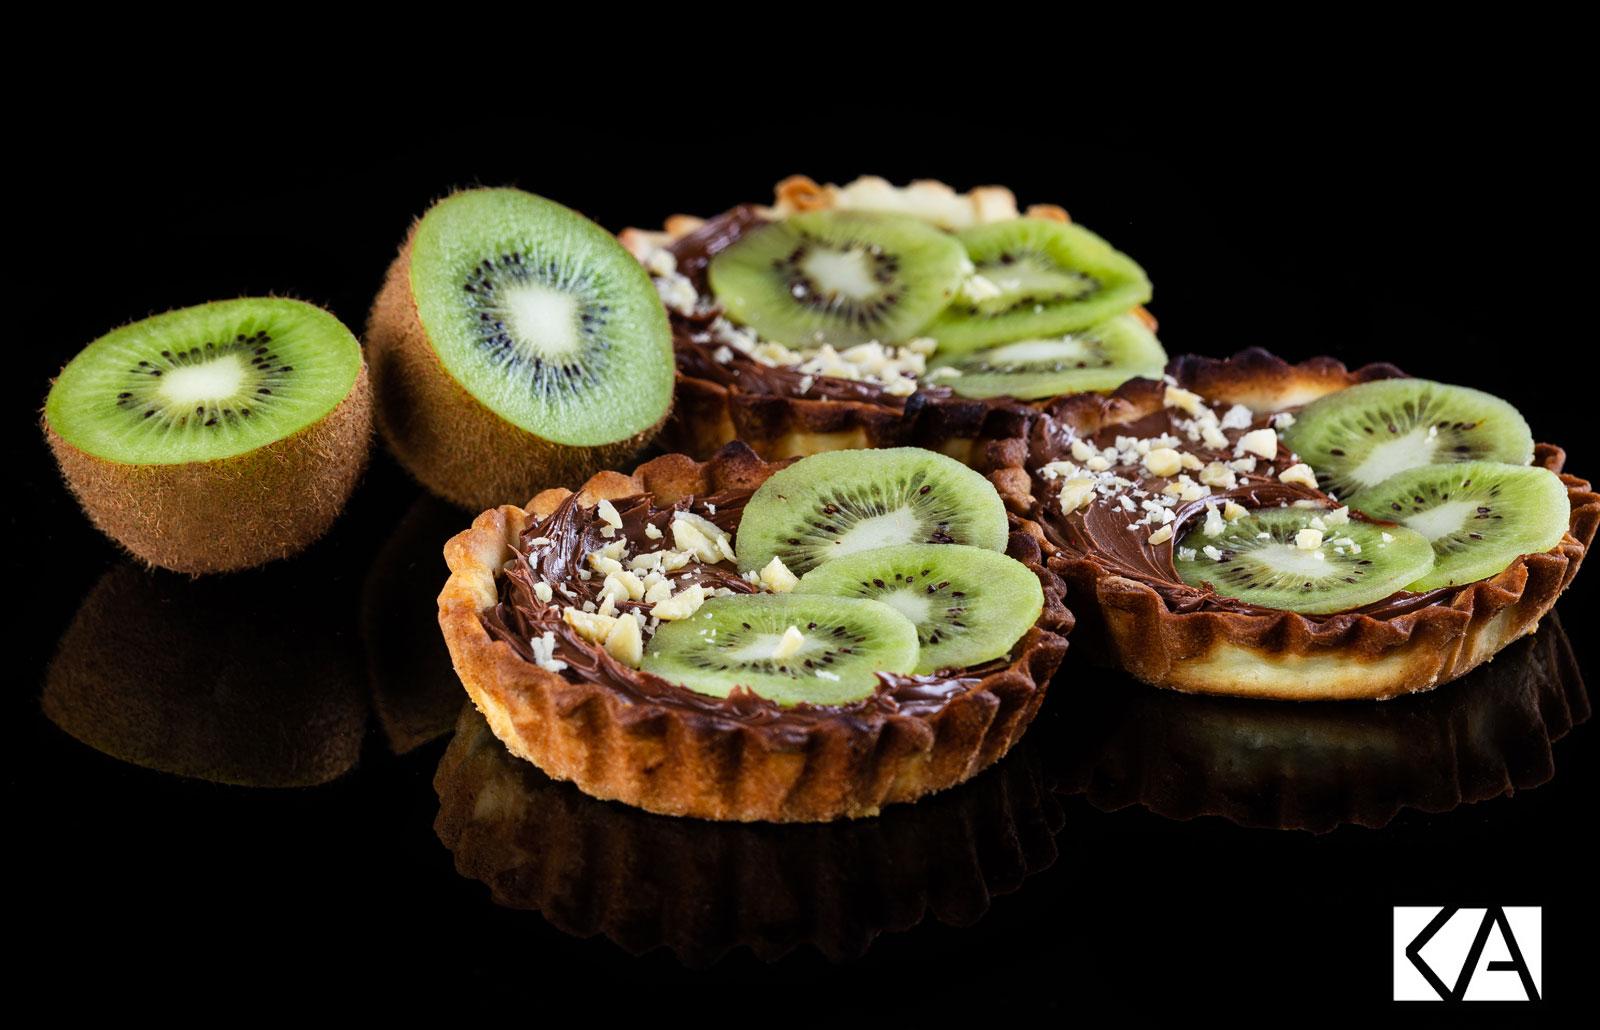 Recette de petites tartelettes chocolat-noisette et Kiwi de l'Adour